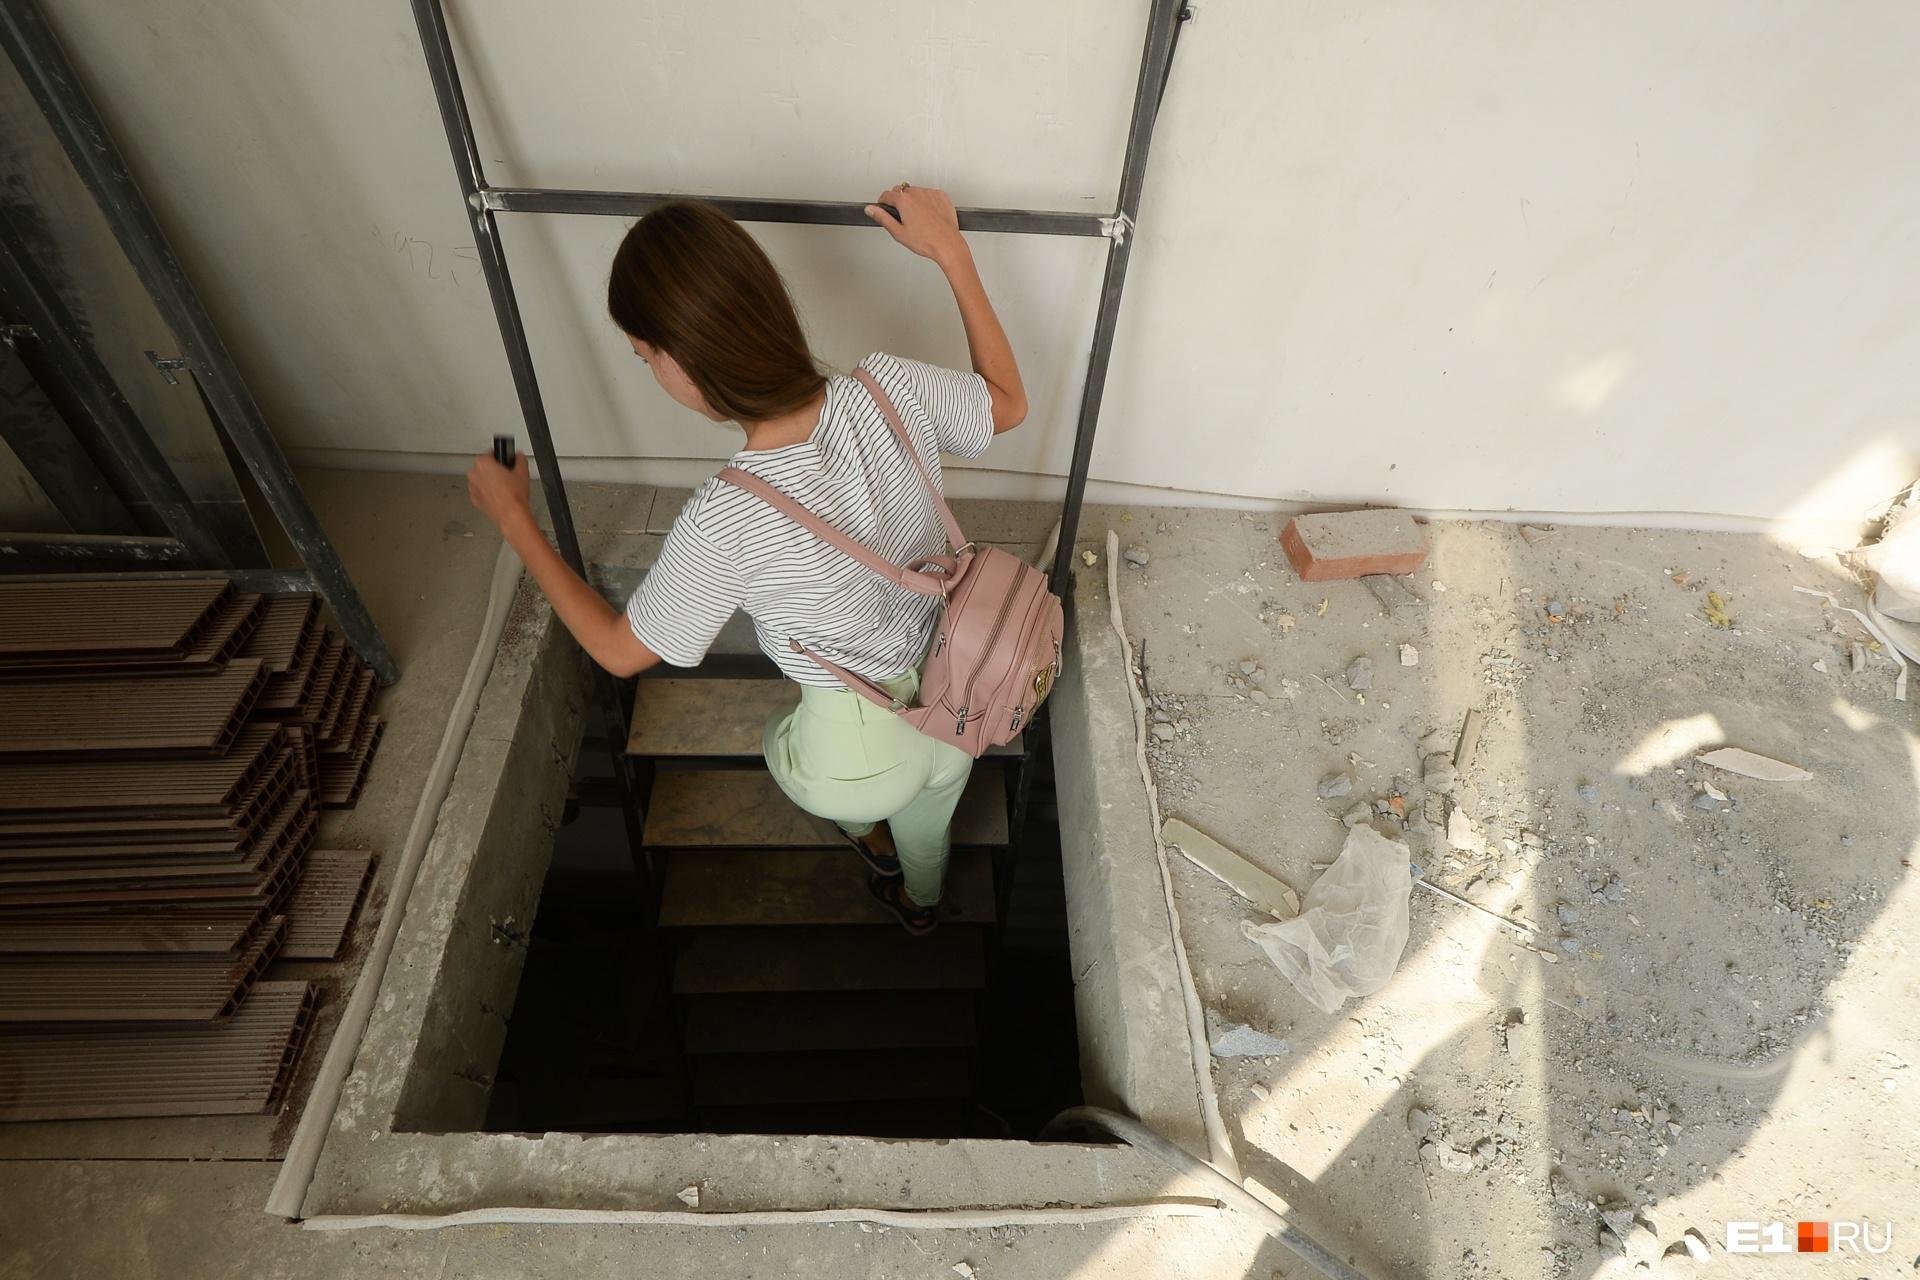 И по такой вот лестнице идем на первый этаж. Ее заменят, пока это просто рабочая лестница